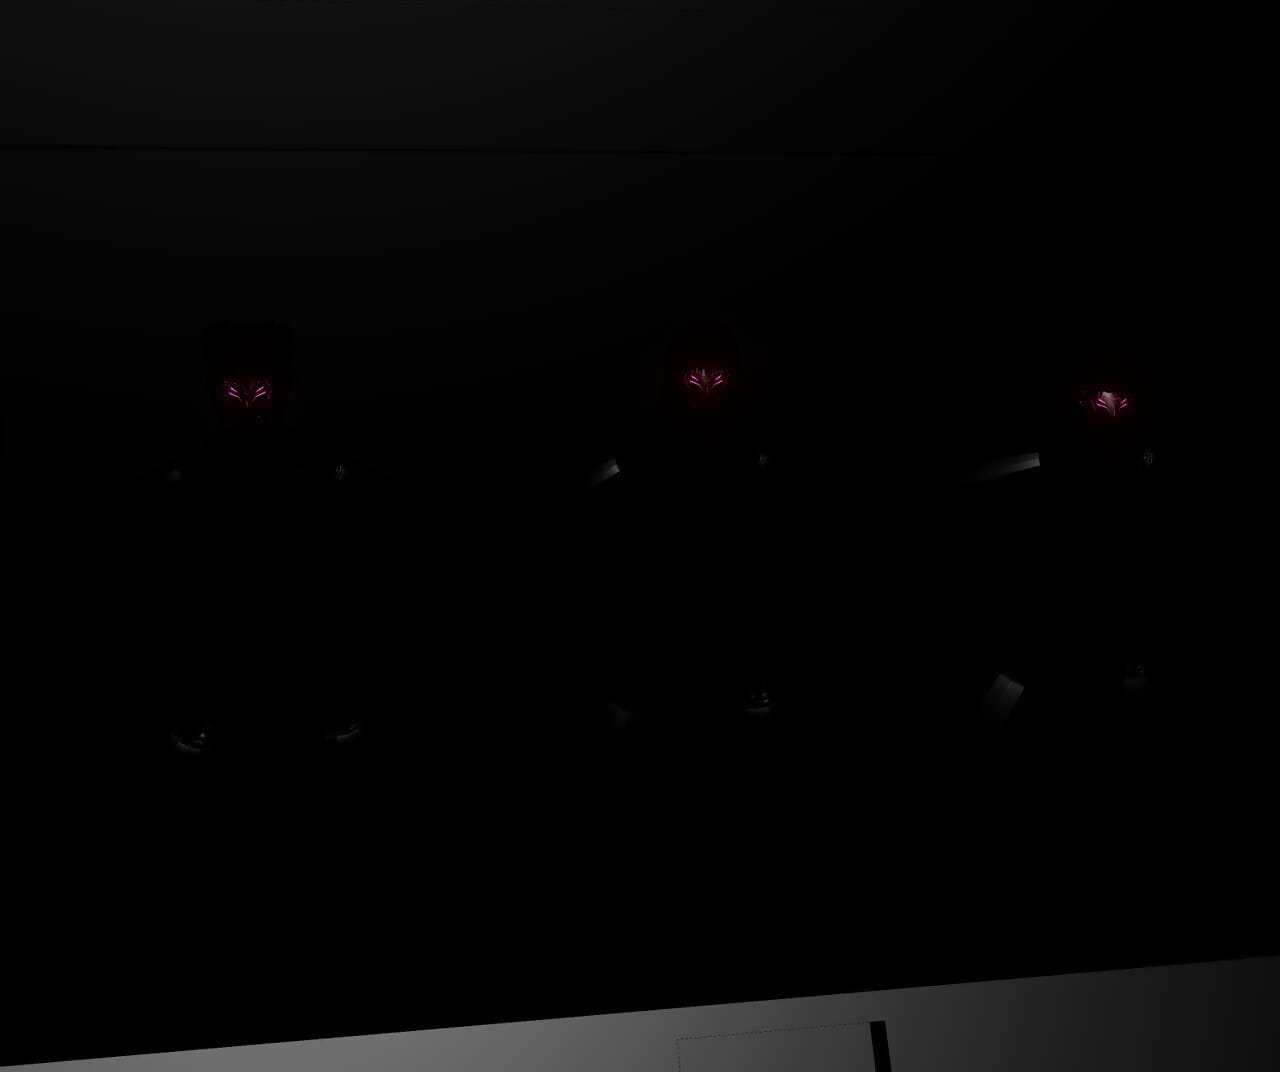 汁 サーヴァント加工施設 Fate/Grand Personify - accouterment 3